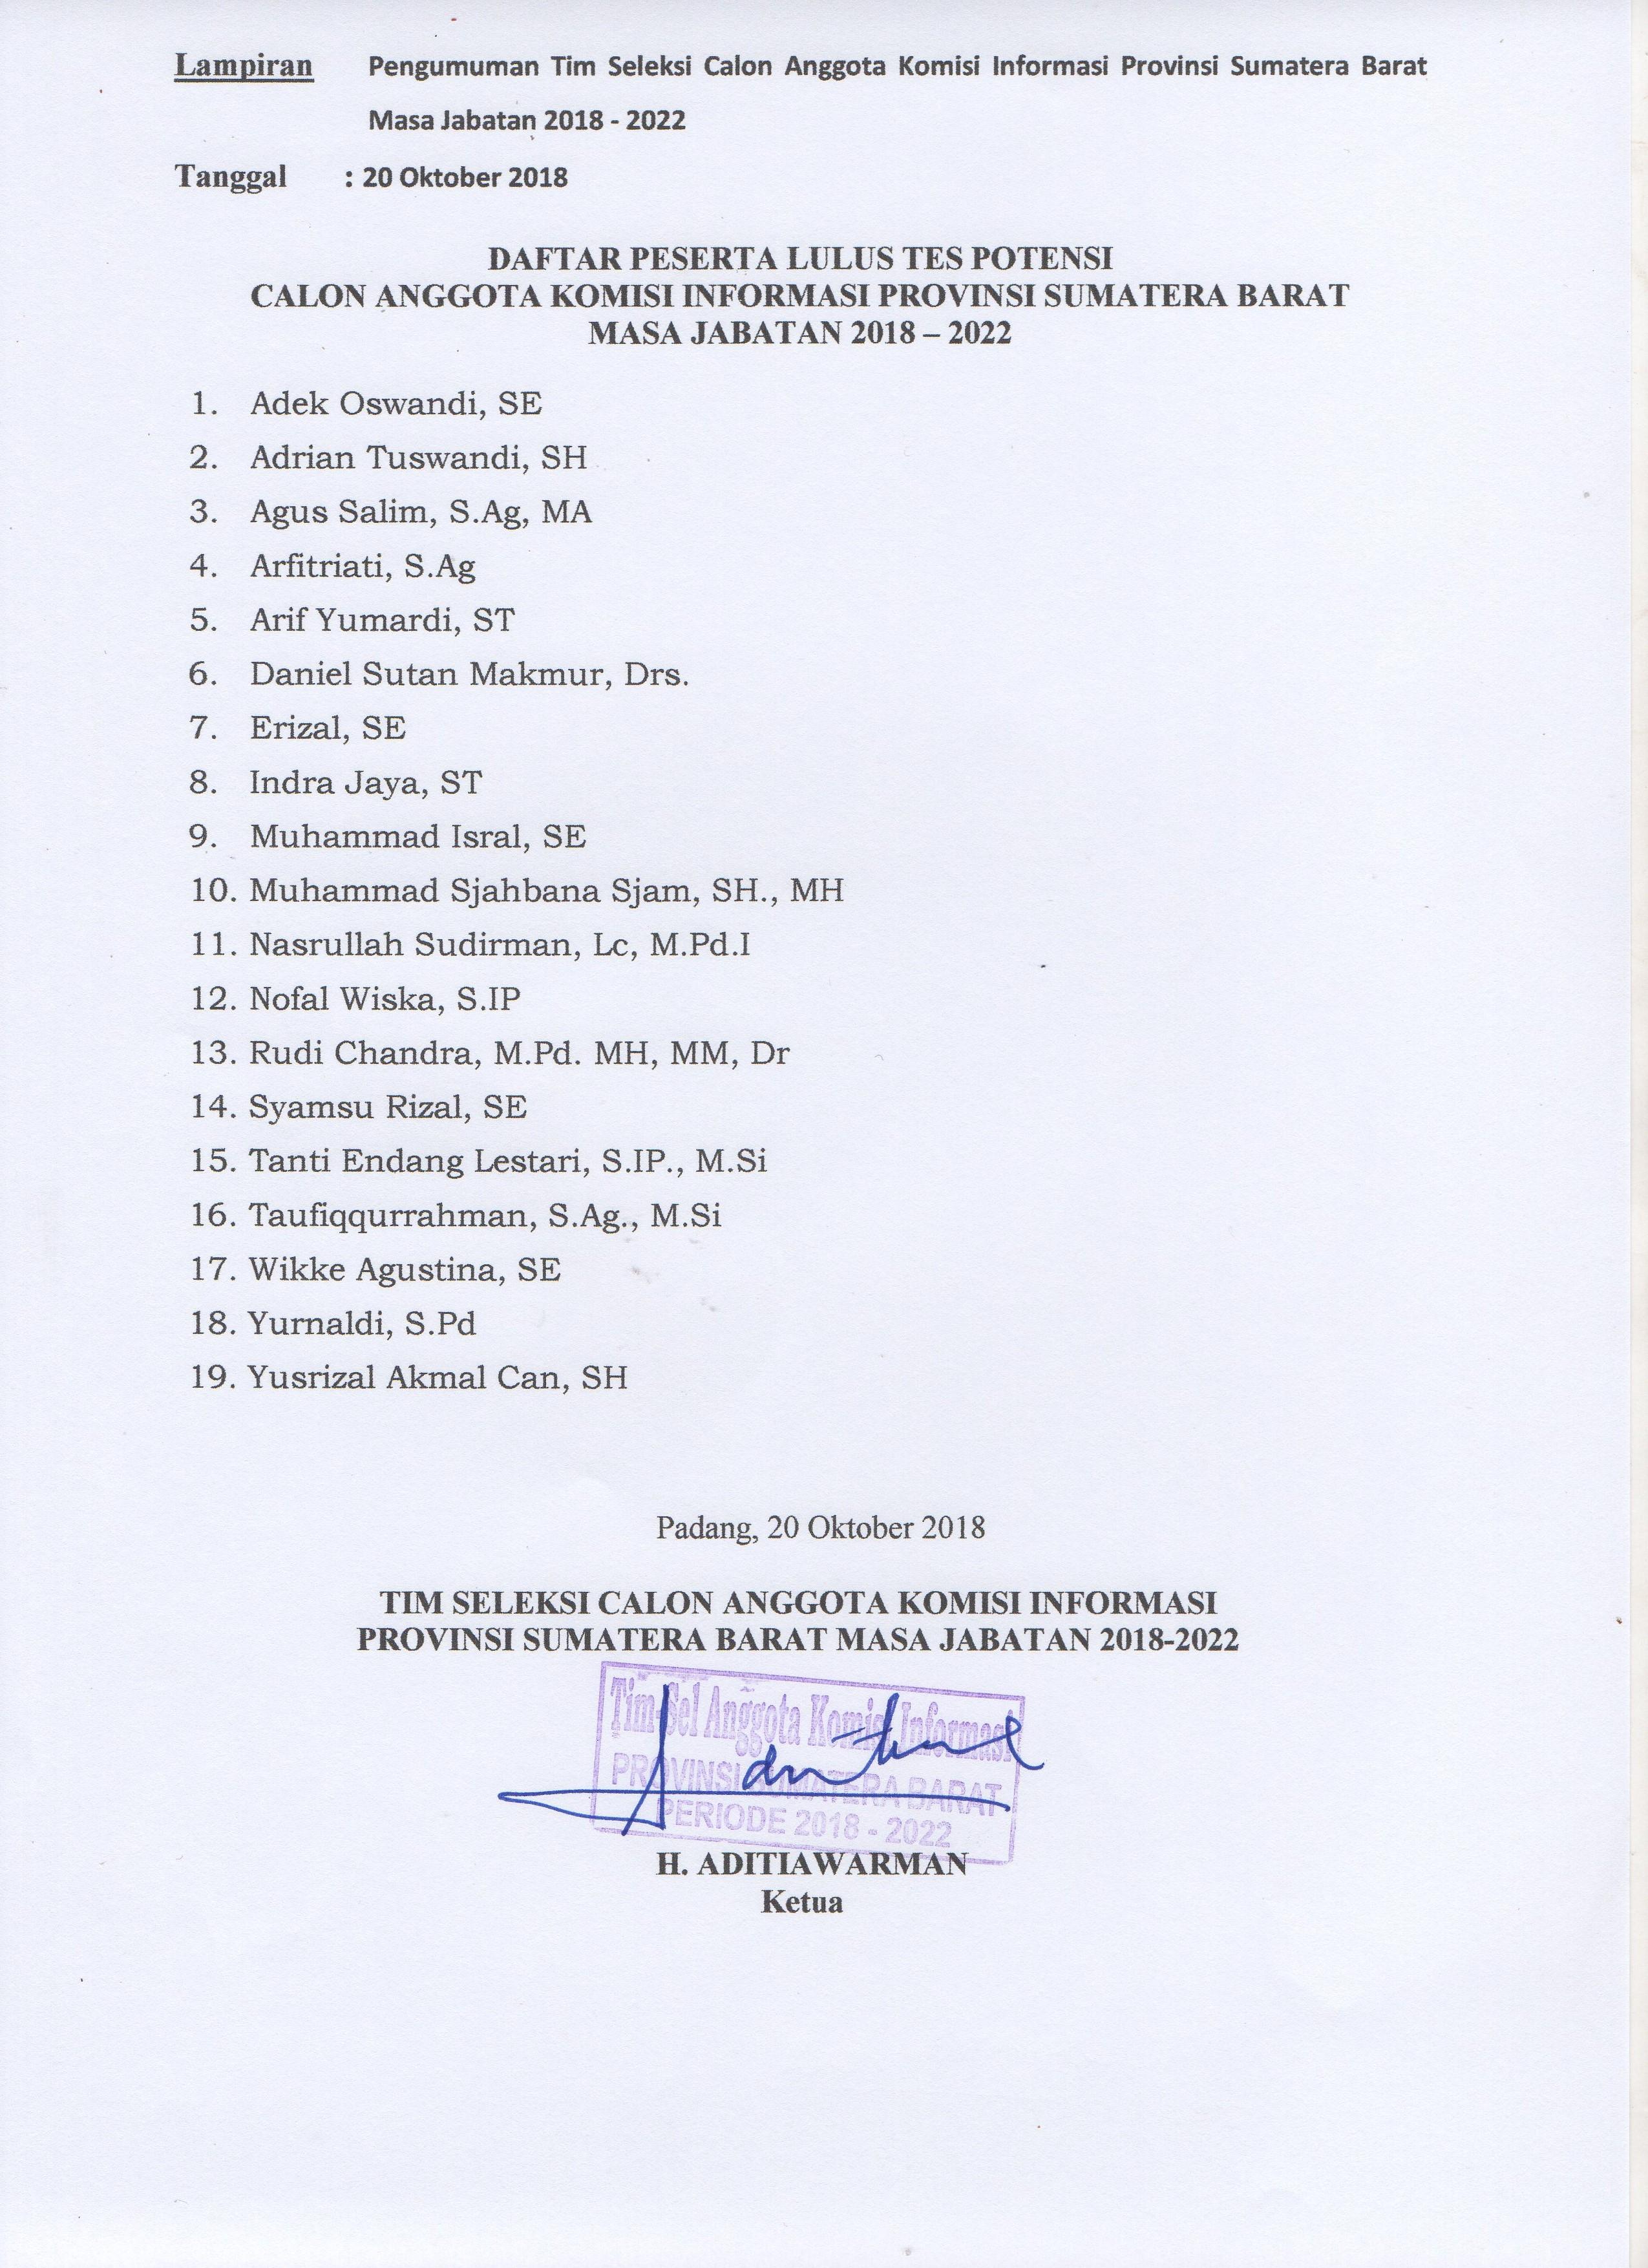 Lampiran Nama Peserta Lulus Tes Potensi Seleksi Calon Anggota Komisi Informasi Provinsi Sumatera Barat Masa Jabatan 2018-2022